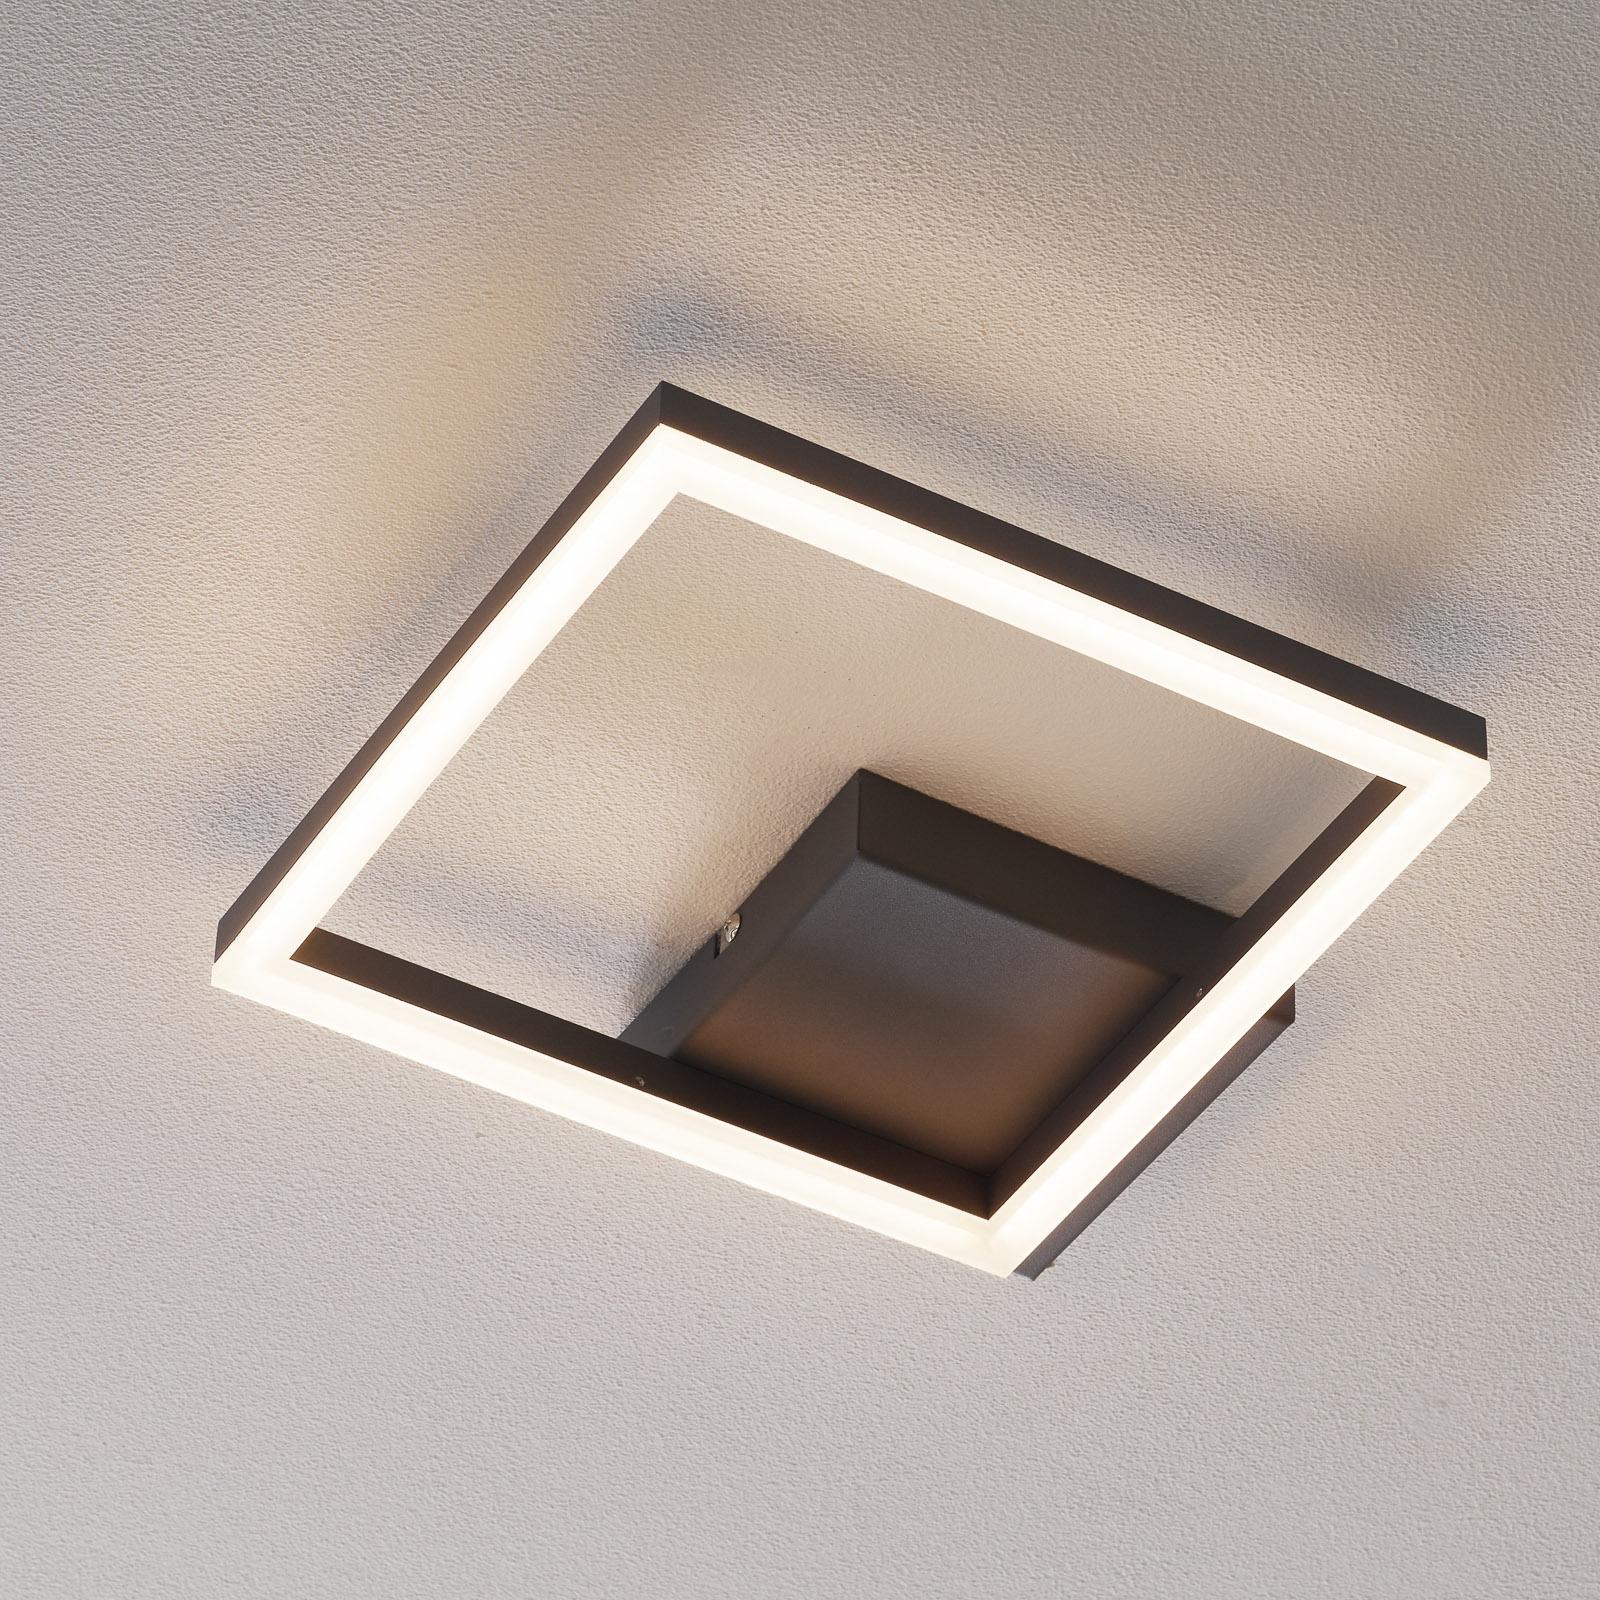 Bard LED-taklampe, 27x27 cm, antrasitt